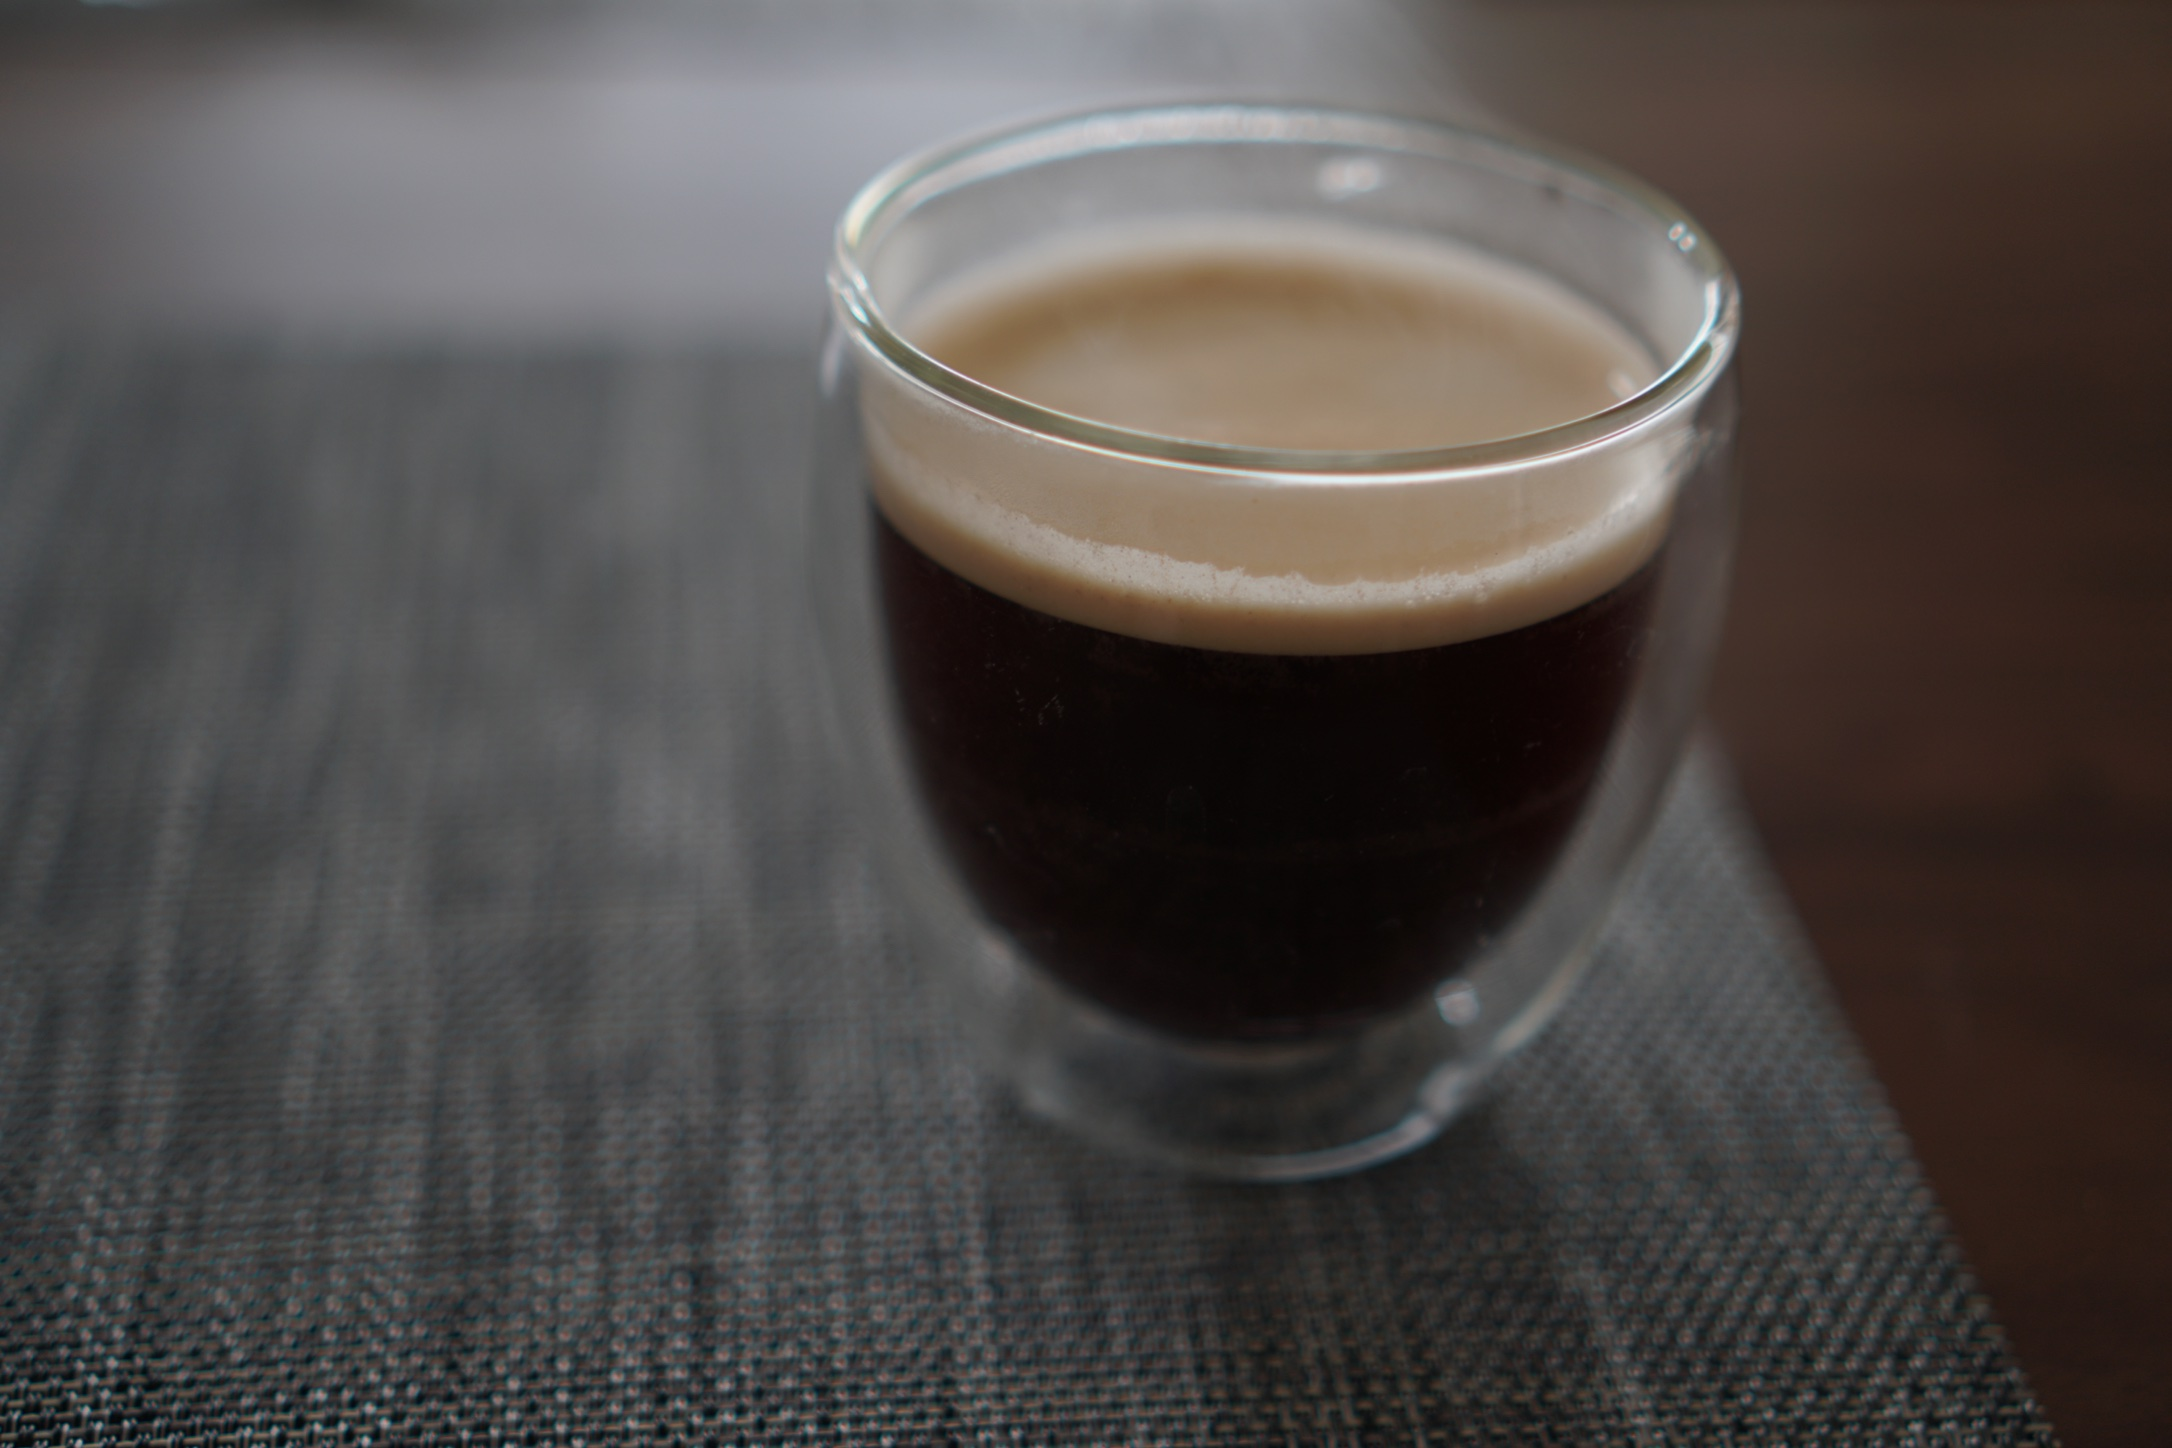 デロンギ マグニフィカSで使えるコーヒー豆まとめ